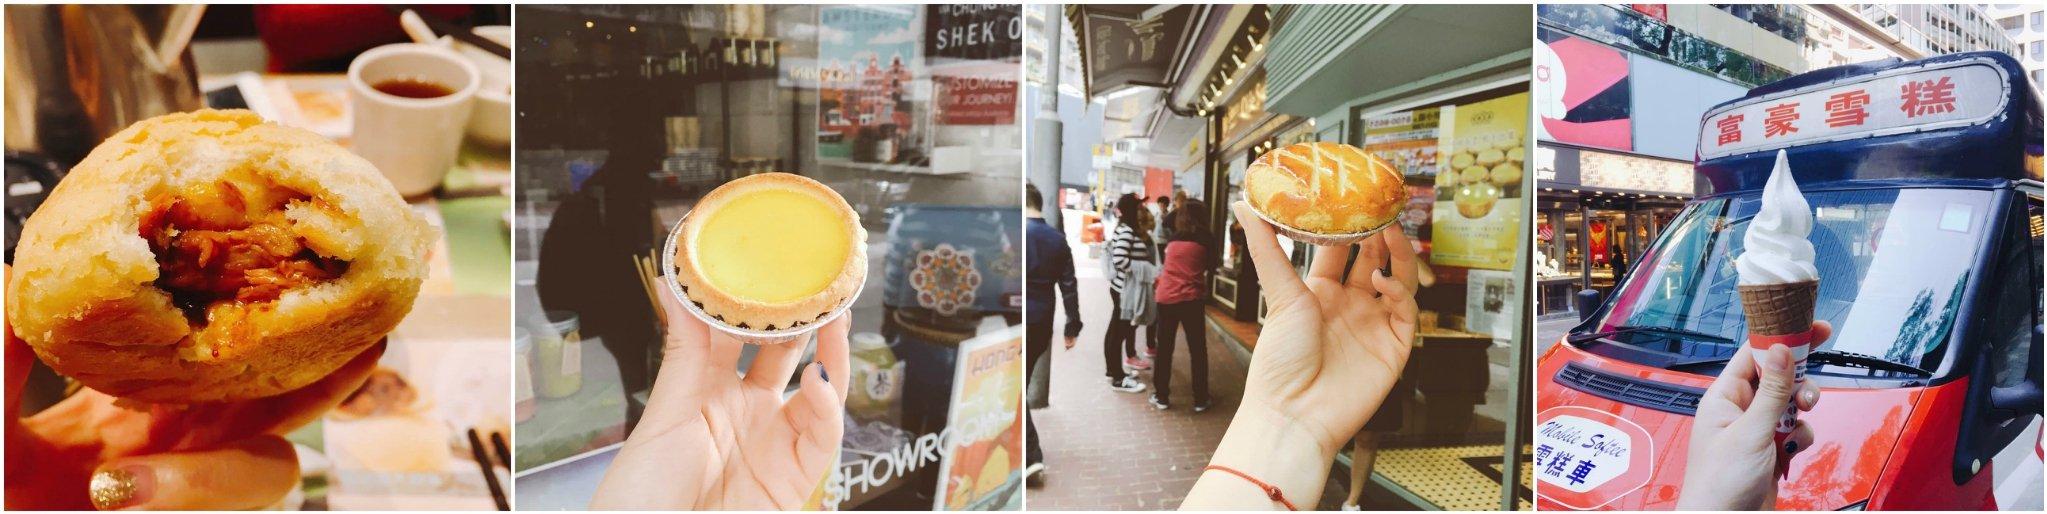 【好味香港】打包一份HK味道,剪影一段往日时光。